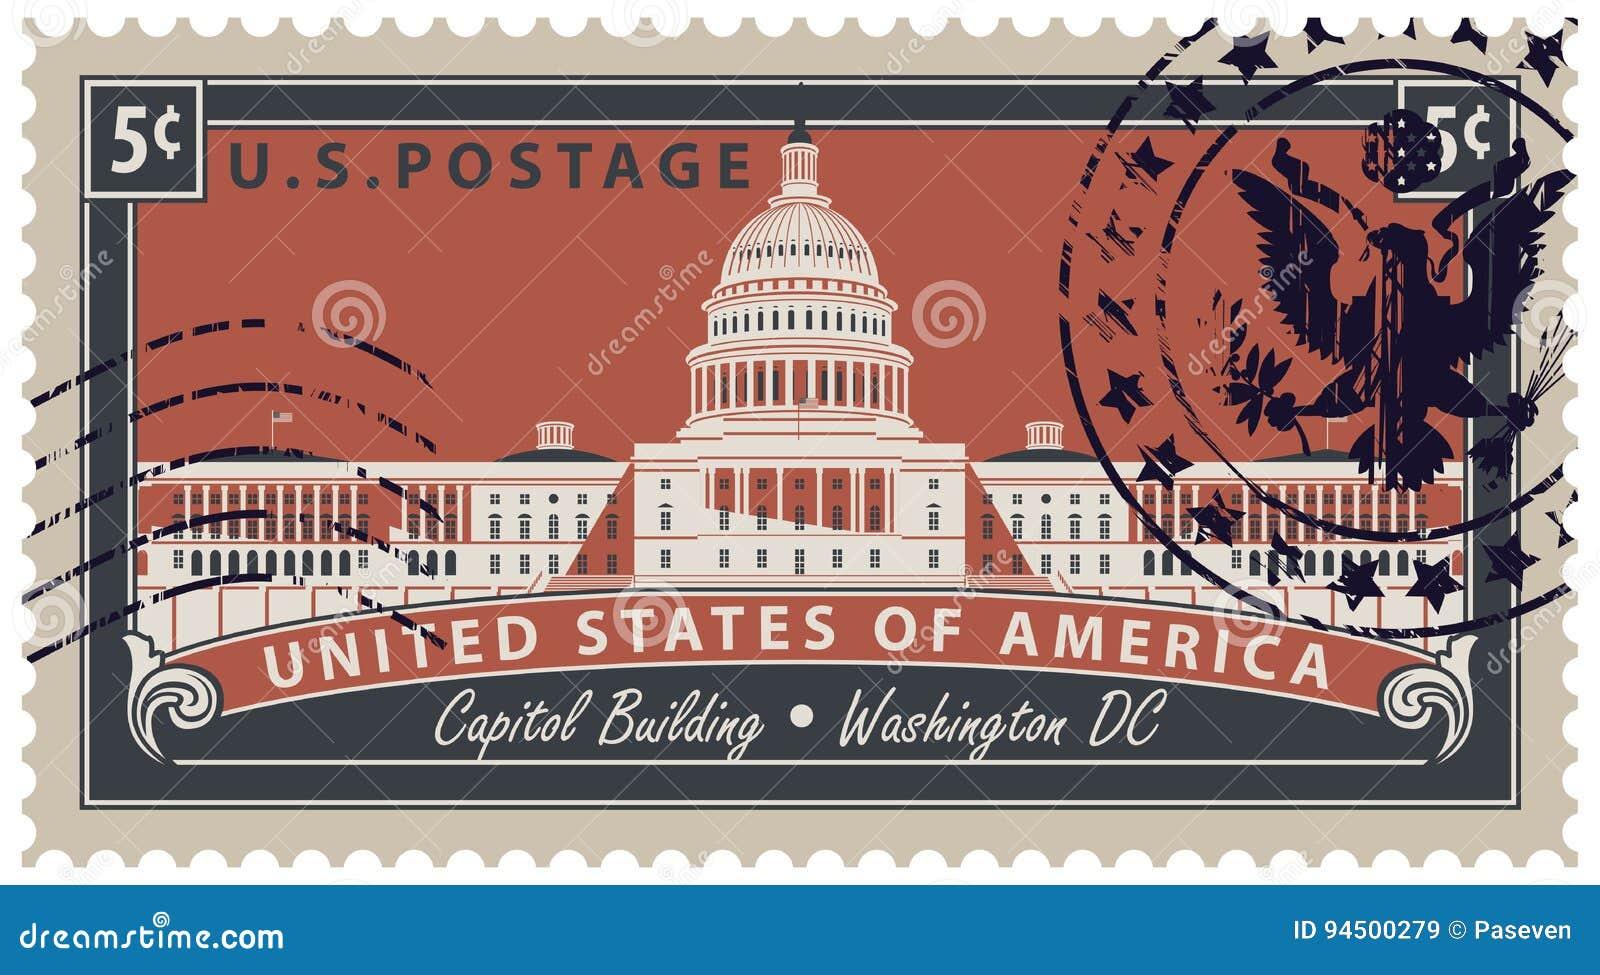 Stempluje z wizerunkiem USA Capitol w washington dc